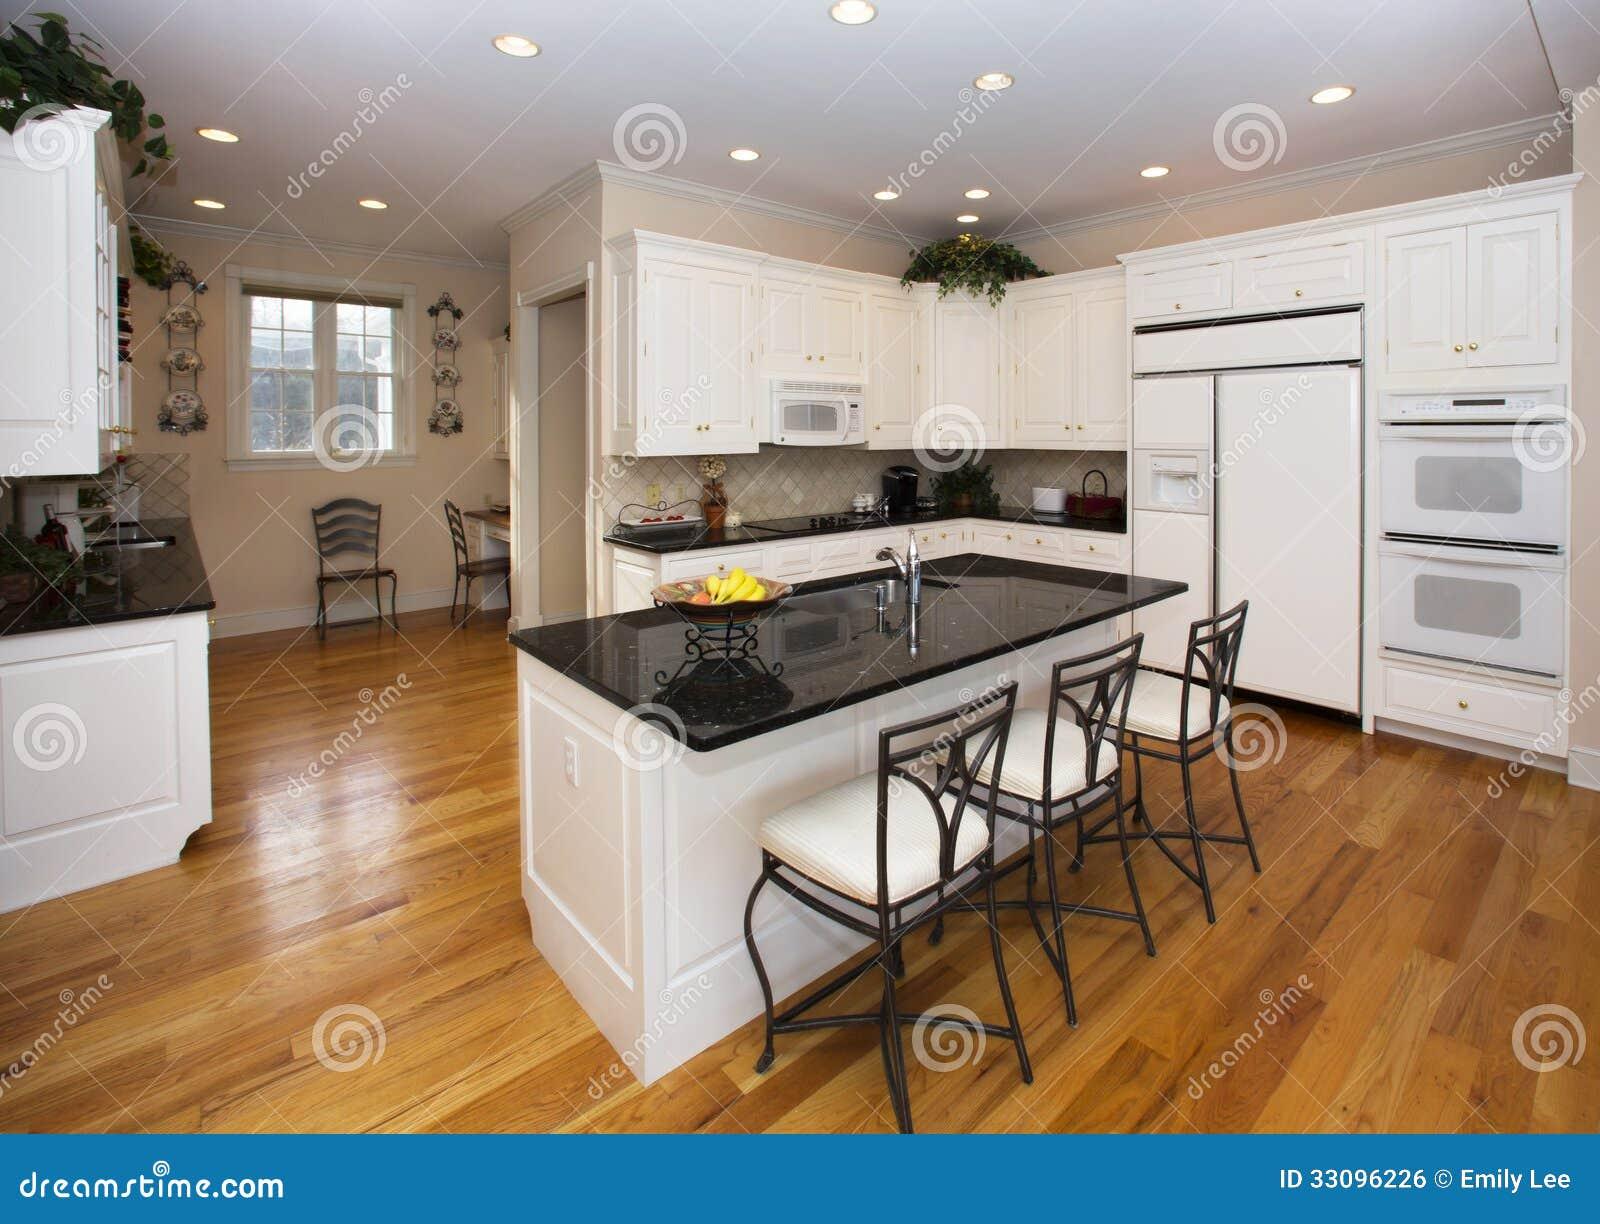 Moderne witte keuken royalty vrije stock afbeelding afbeelding 33096226 - Witte keuken en hout ...